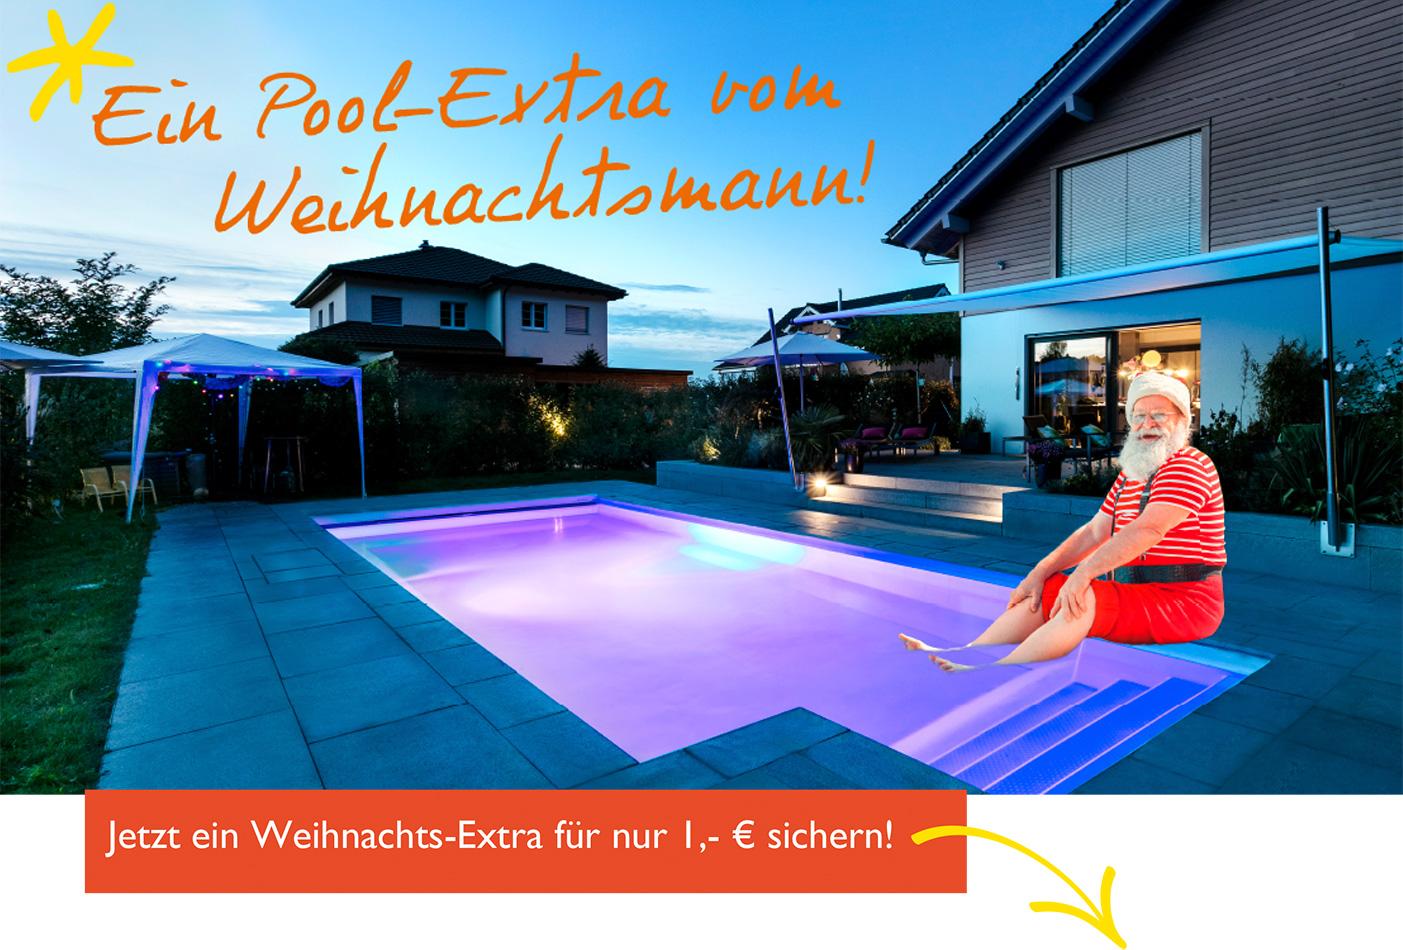 Pool-Extra vom Weihnachtsmann